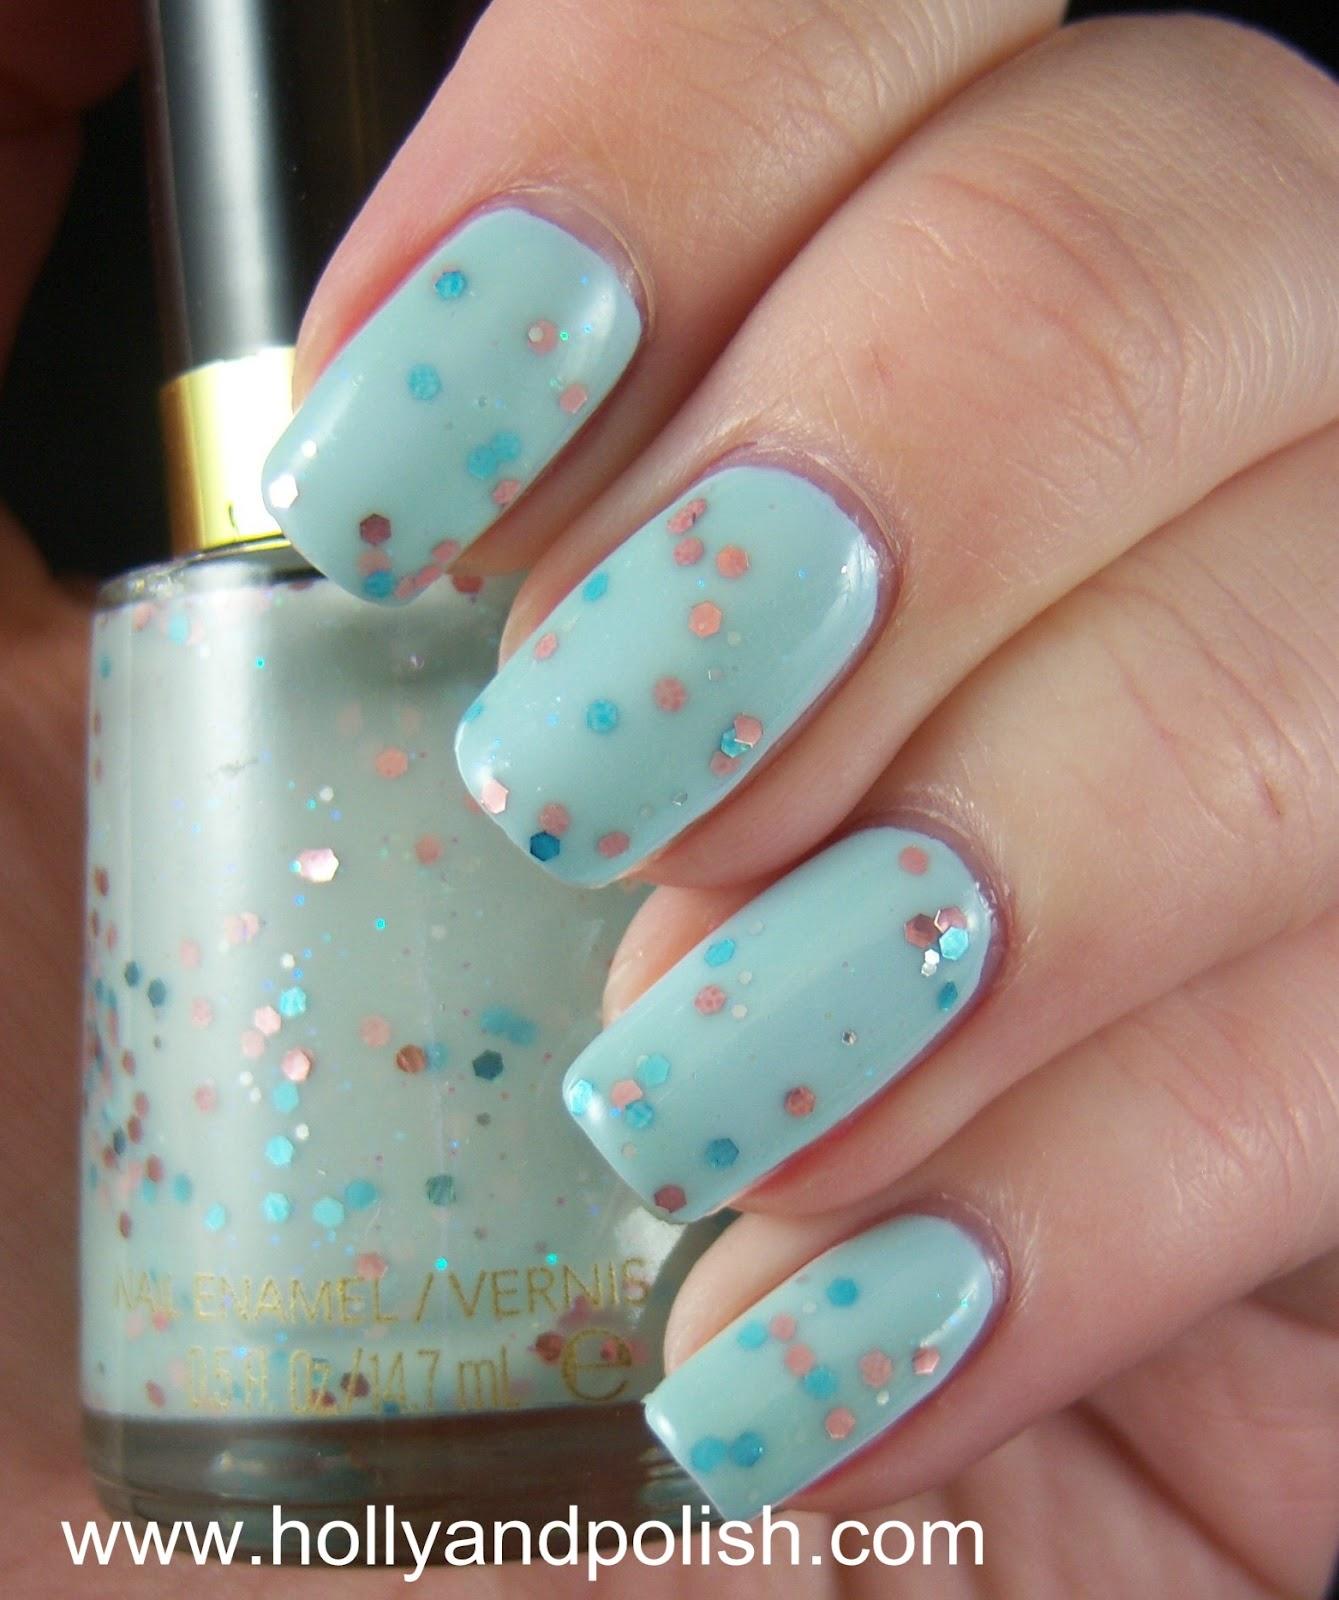 Holly and Polish: A Nail Polish and Beauty Blog: Revlon Whimsical